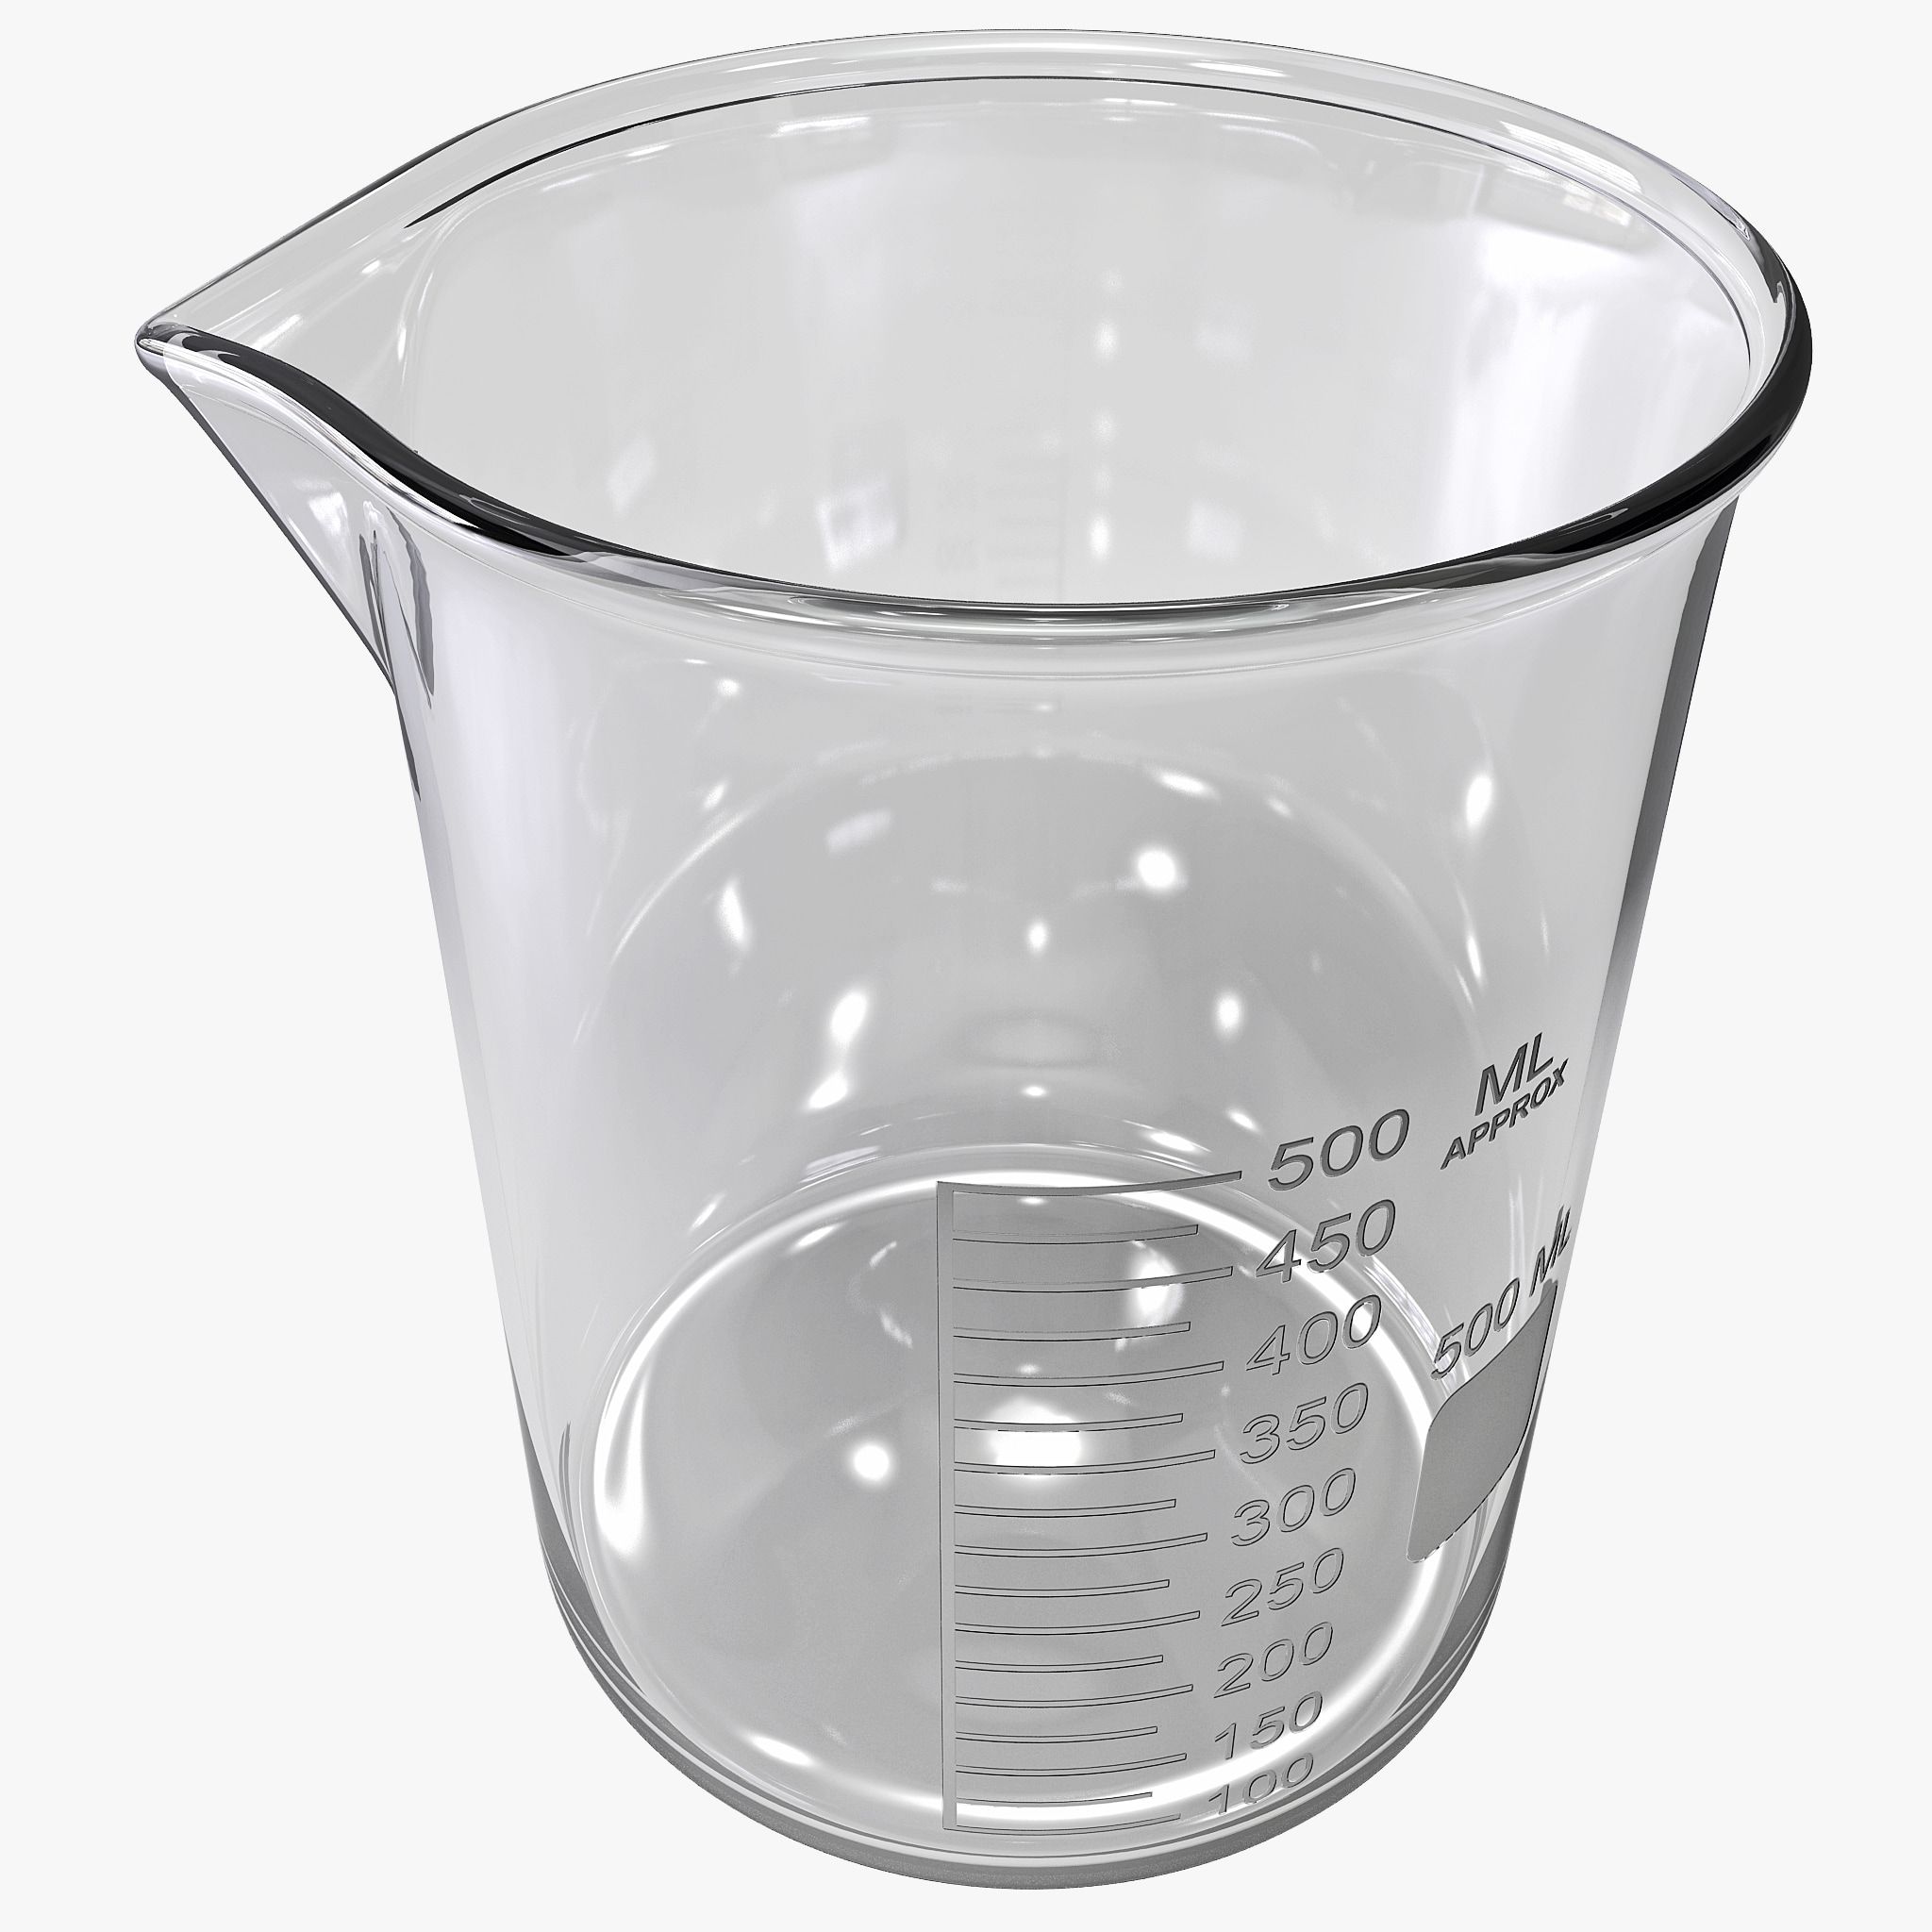 Beaker 500 mL_1.jpg